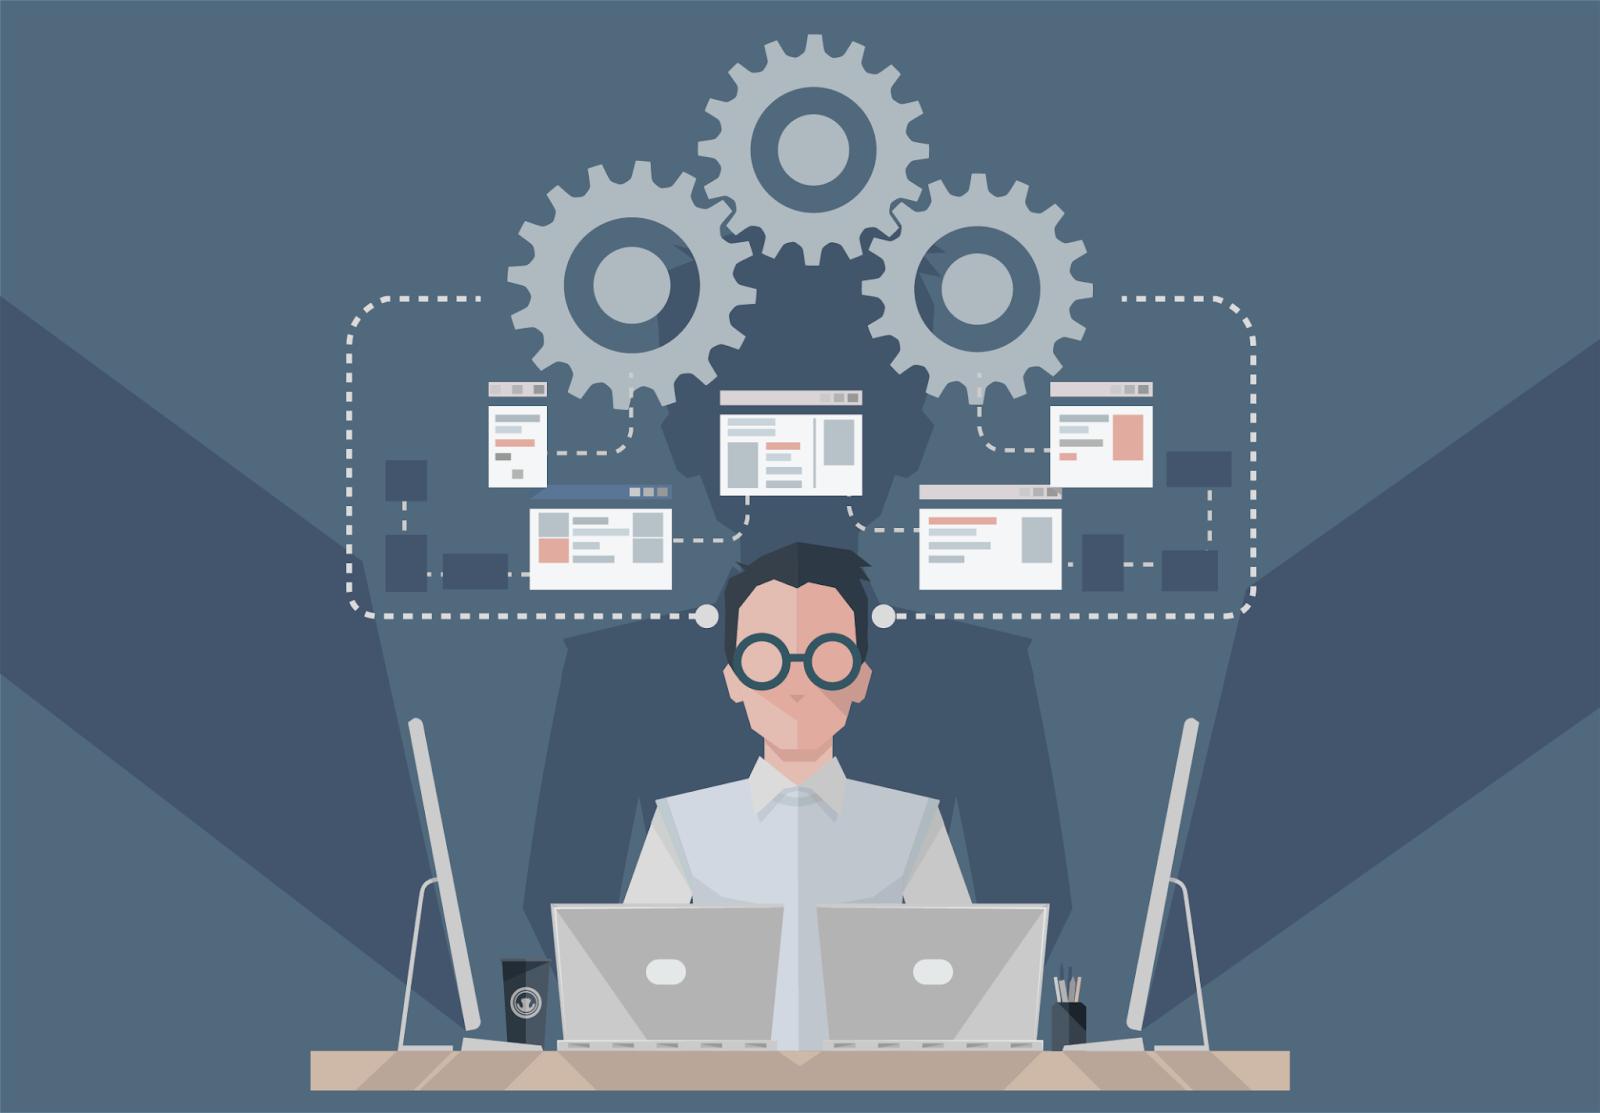 SEO không chỉ là sử dụng công cụ, kỹ thuật mà là sử dụng nội dung để xây dựng liên kết